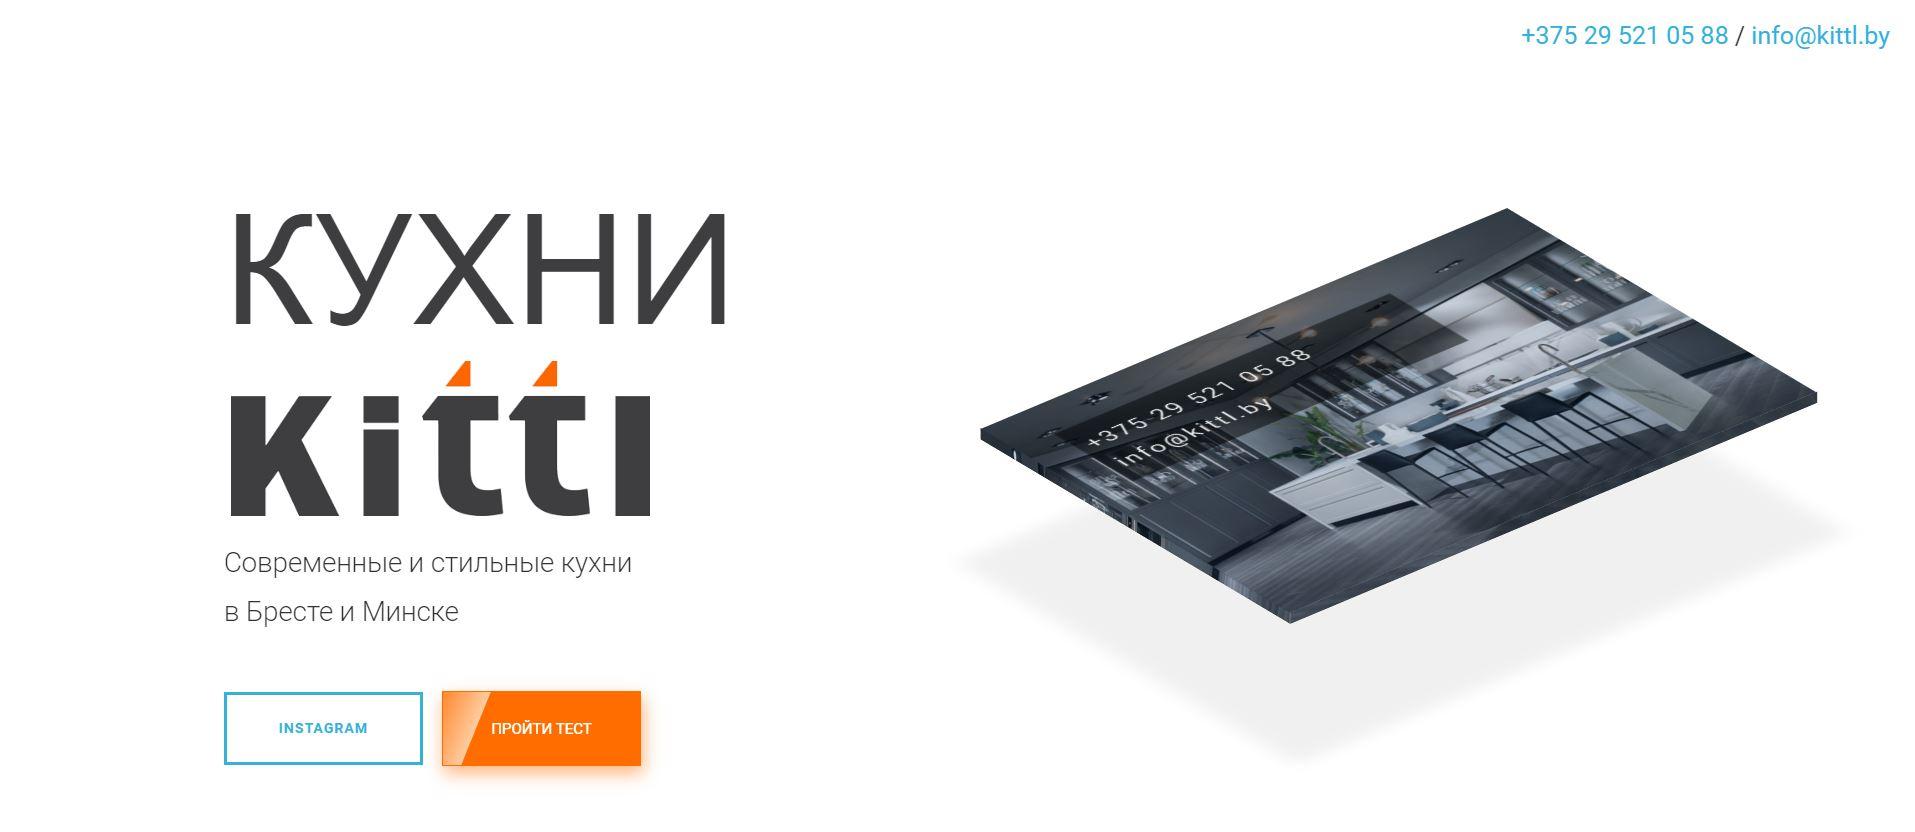 Название торговой марки белорусских кухонь